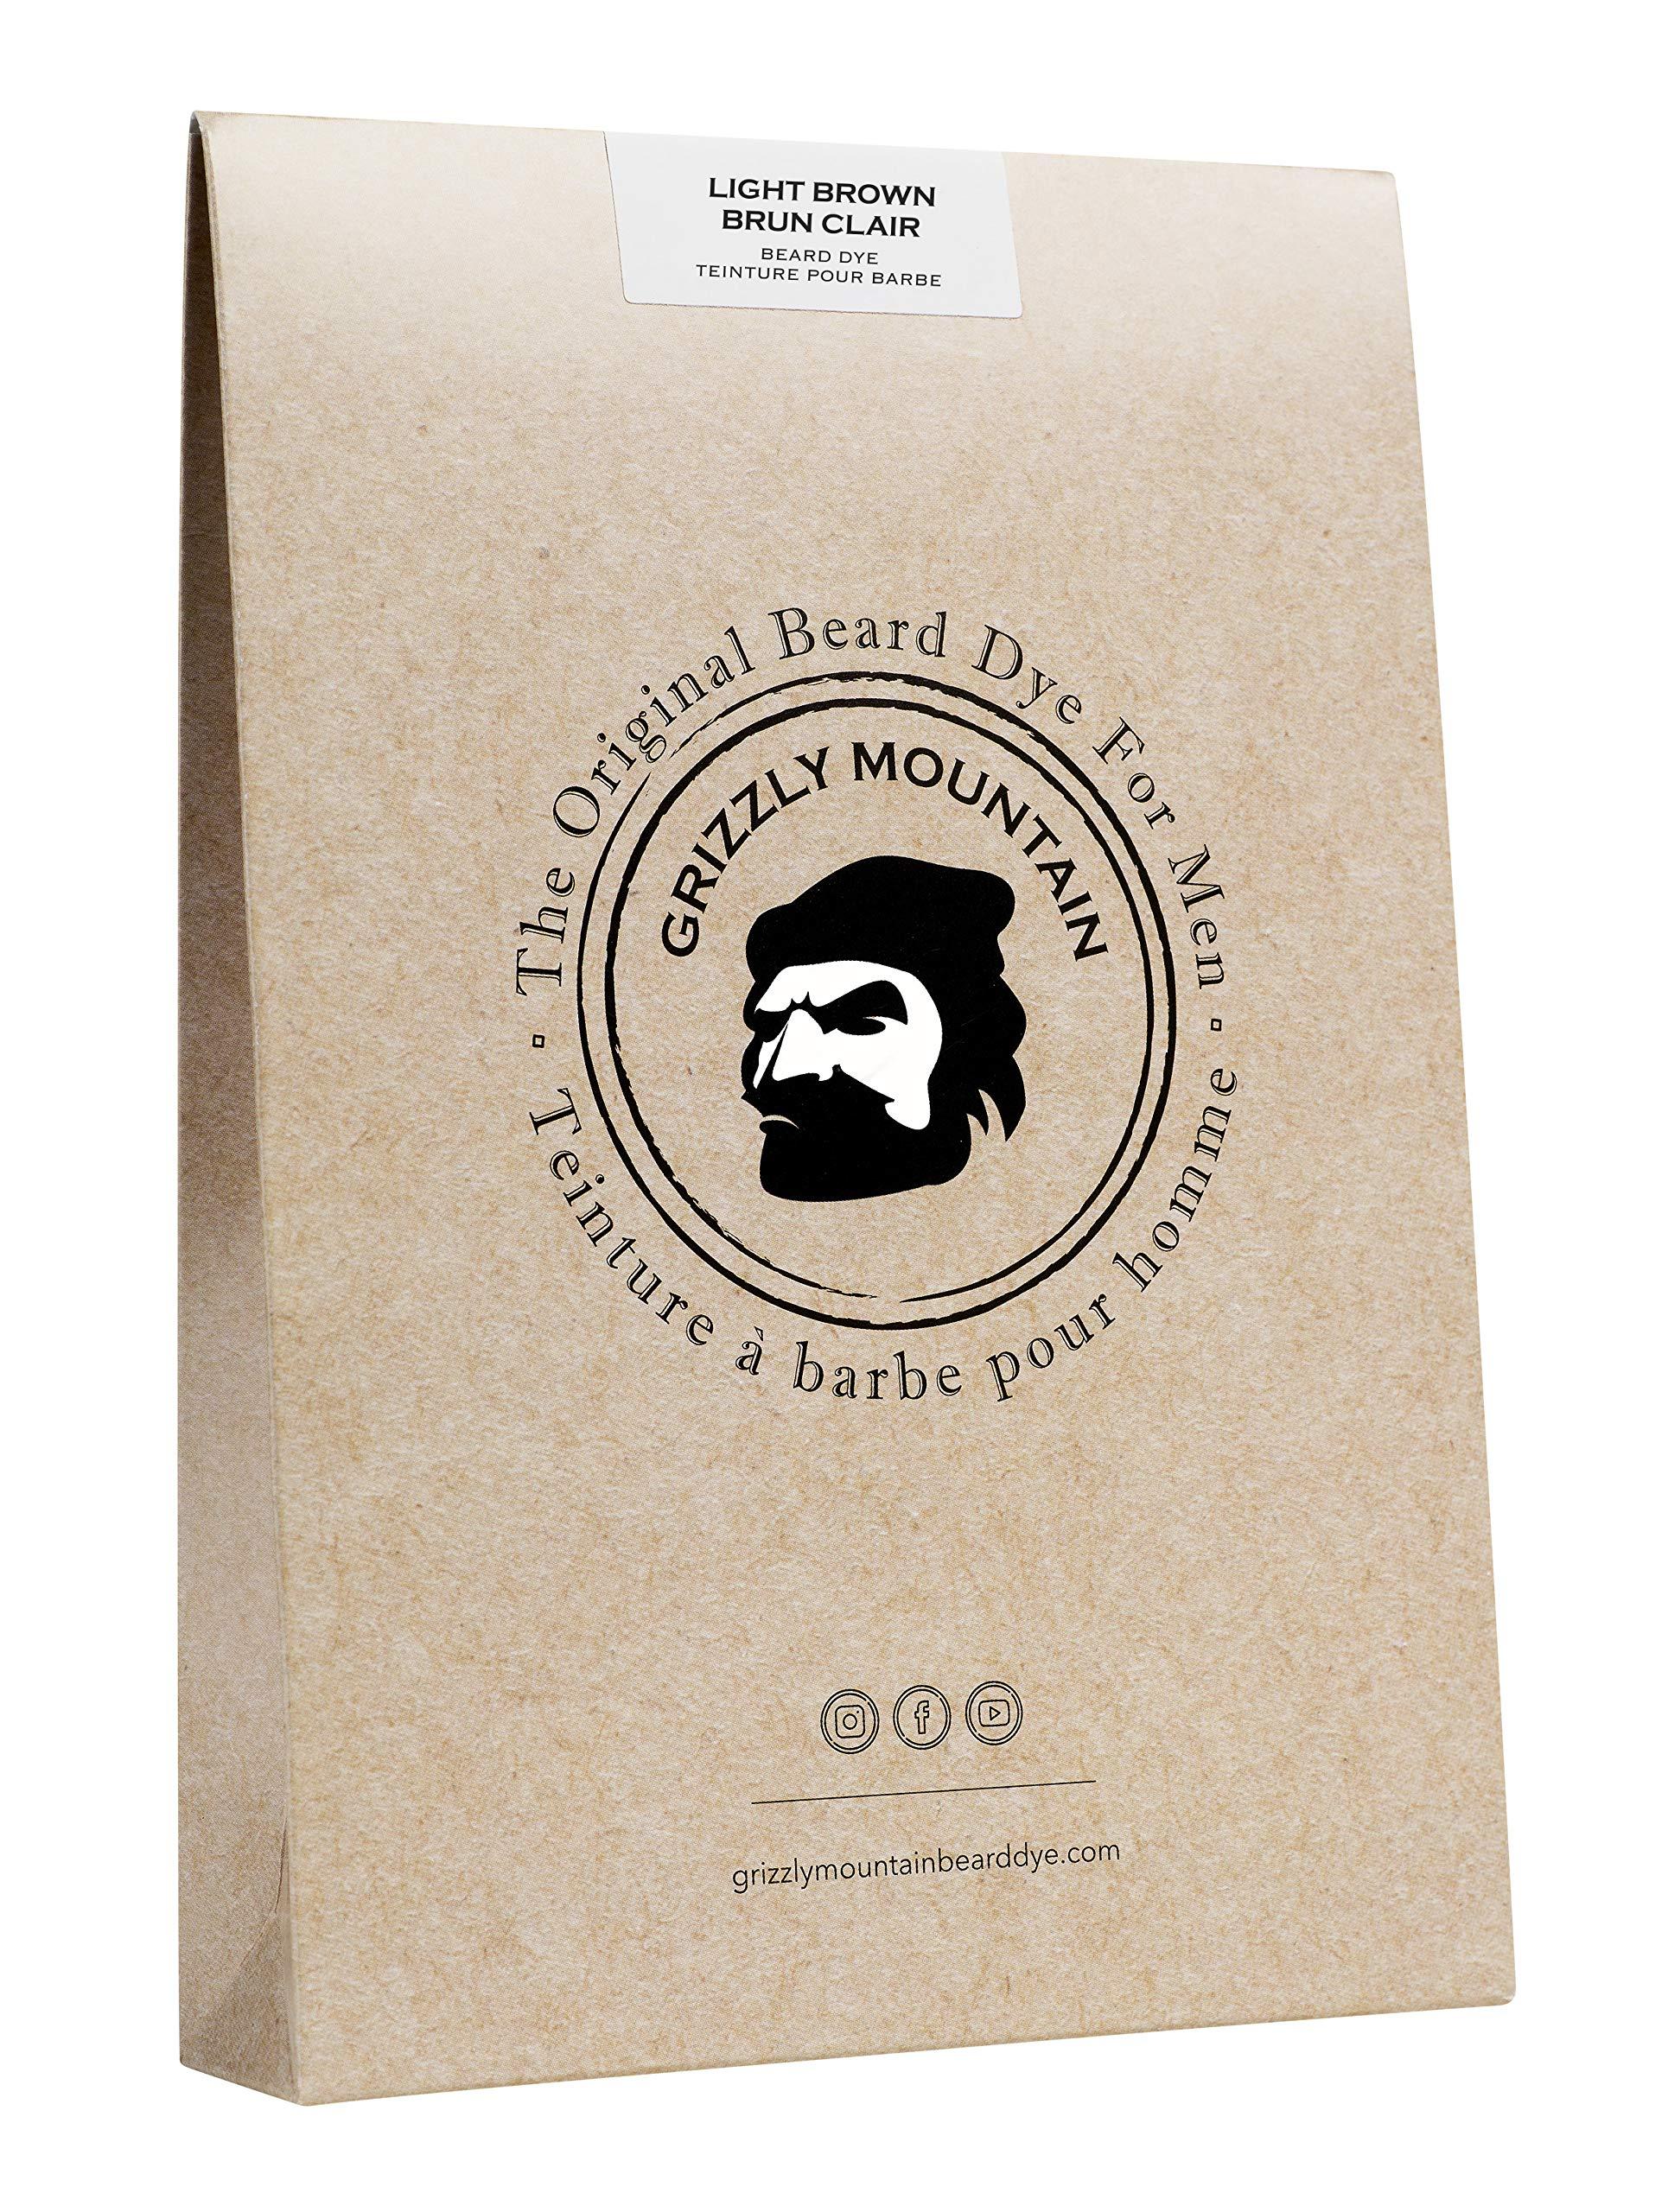 Grizzly Mountain Beard Dye - Organic & Natural Light Brown Beard Dye